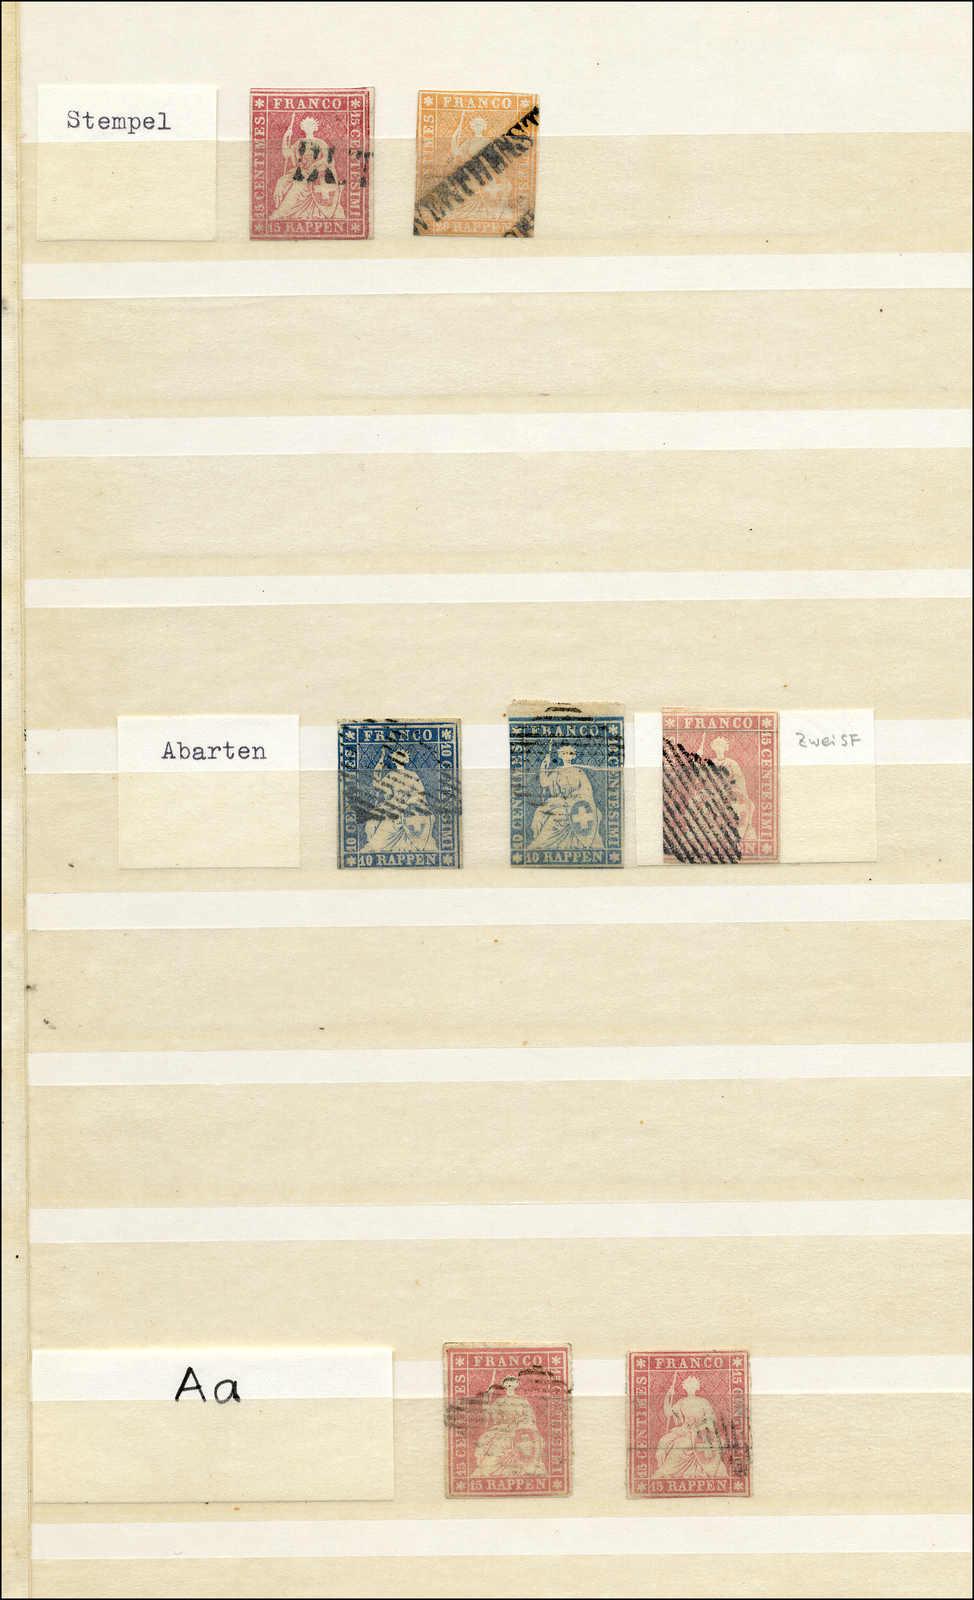 Lot 60 - sammlungen und posten sammlungen und posten altschweiz -  Rolli Auctions Auction #68 Day 1